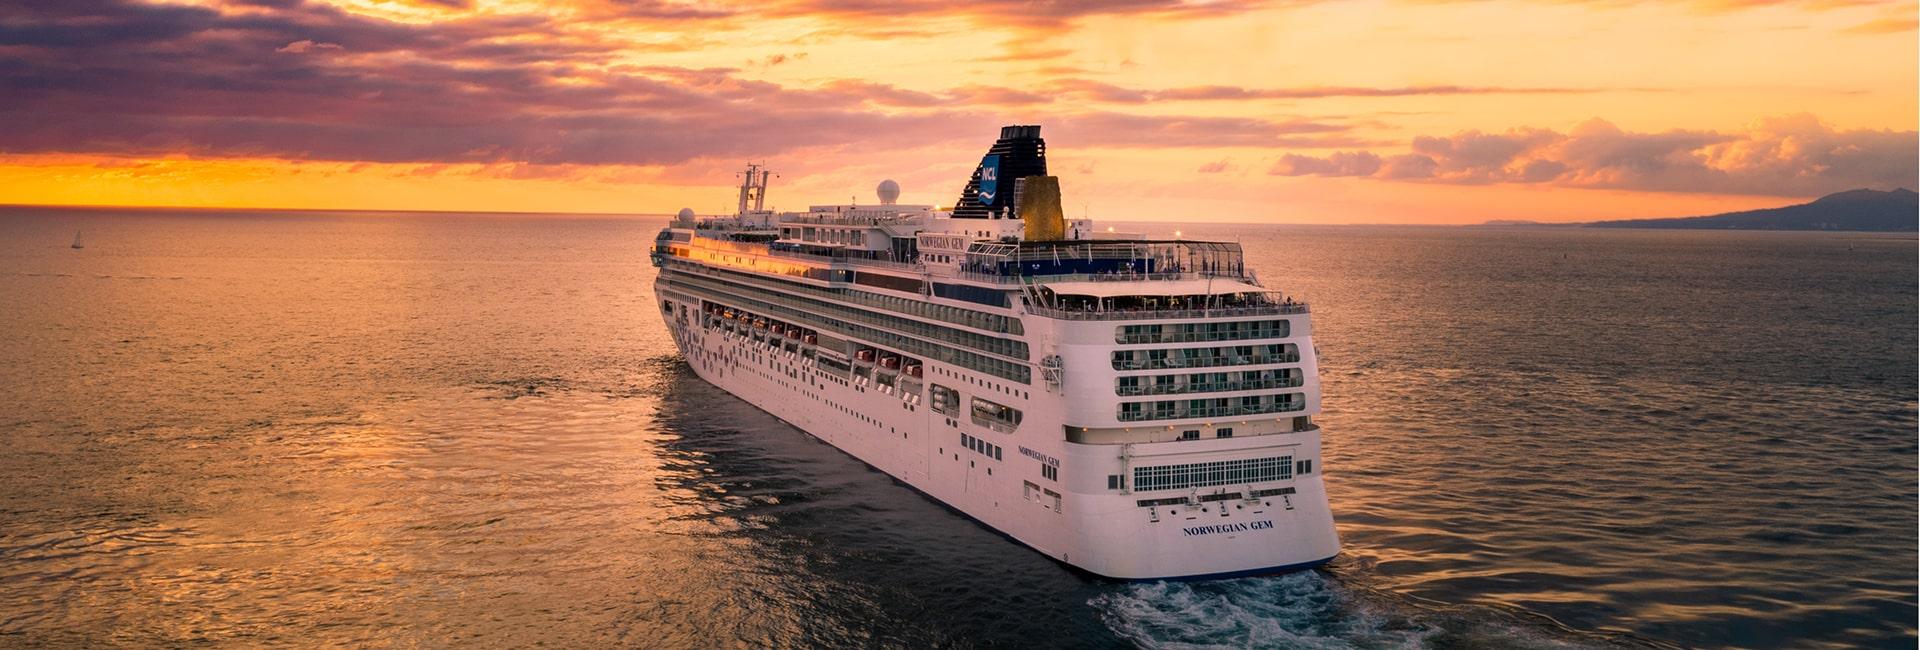 Puerto vallarta cruise ships